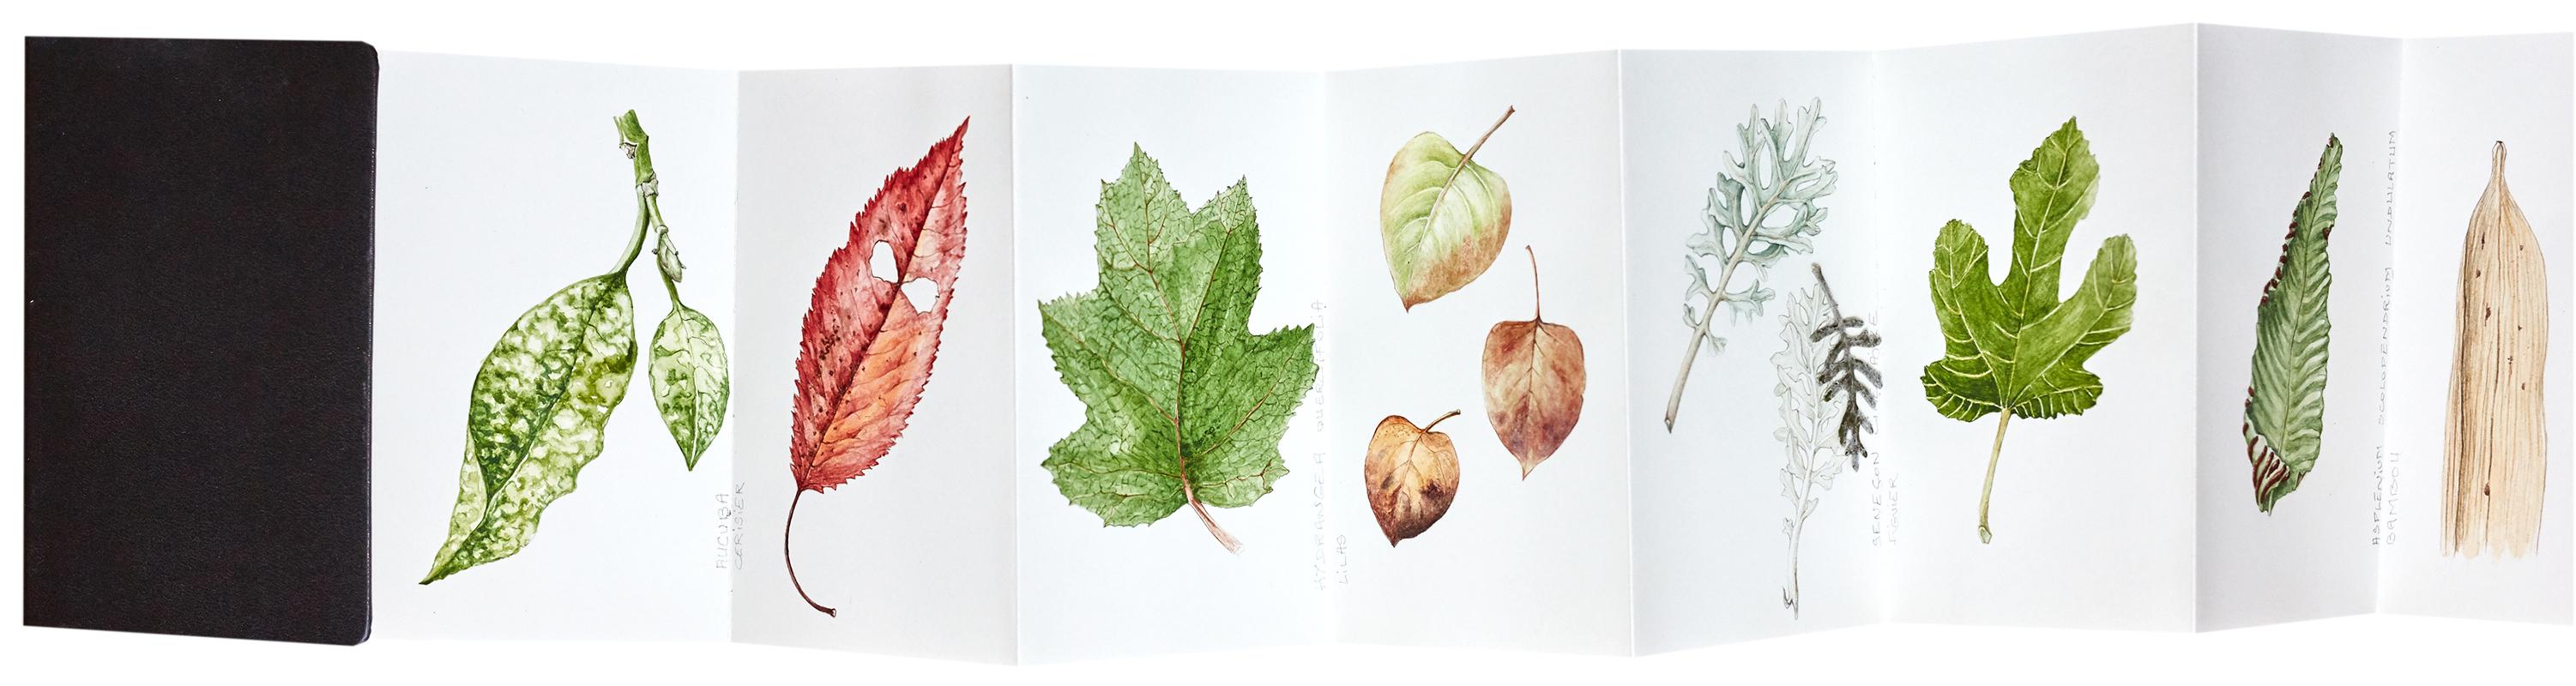 elisabeth vitou-artiste botanique-cours d'illustration botanique-stage dessin botanique-apprendre le dessin botanique